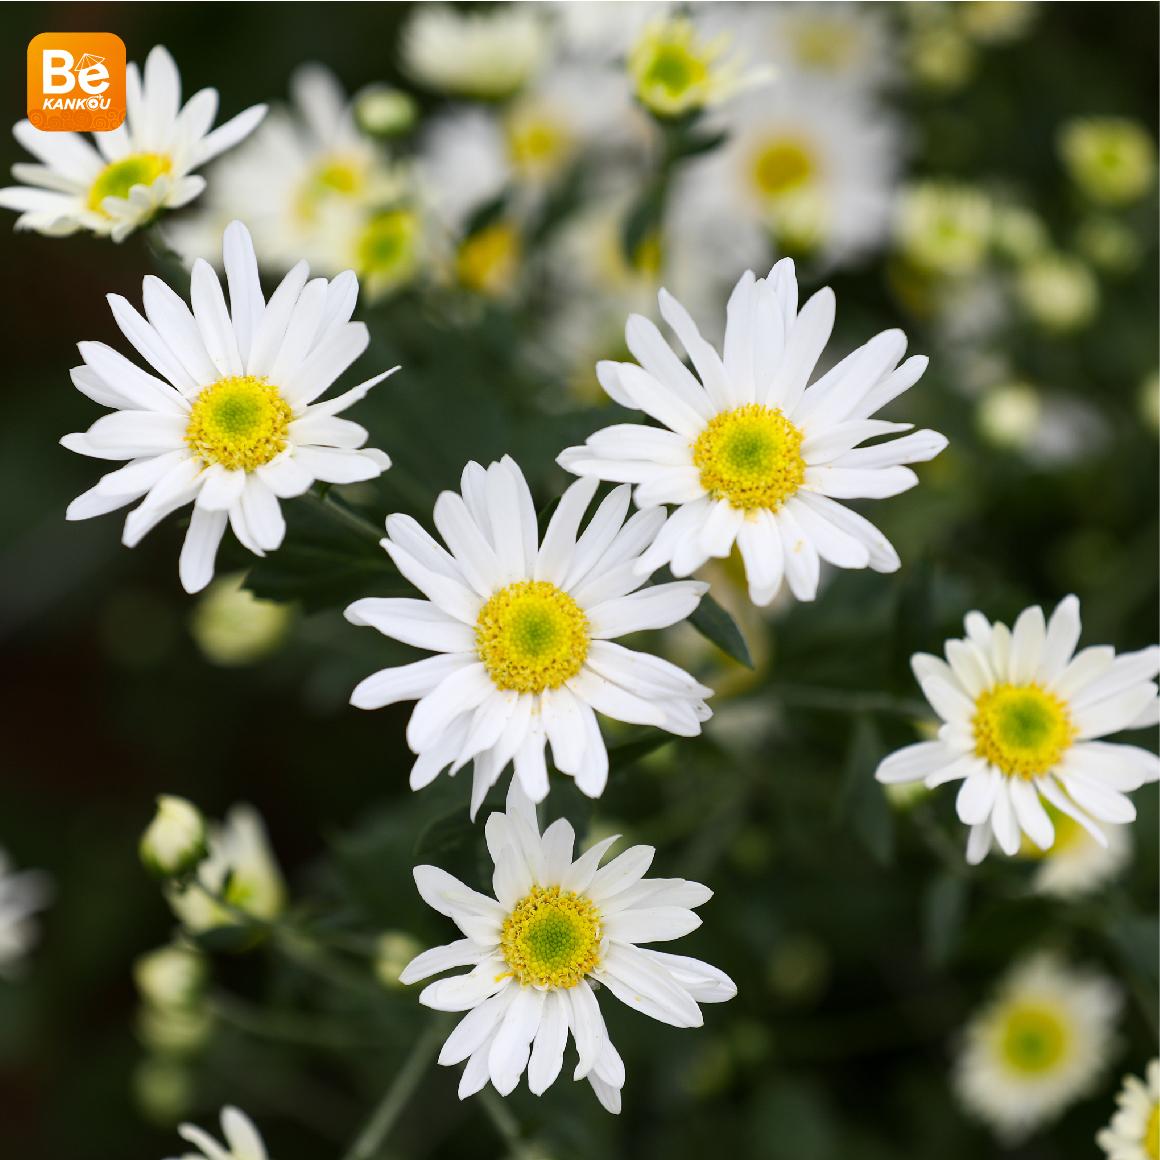 11月には、ハノイのデイジー(ヒナギク)の花に会う予定-110